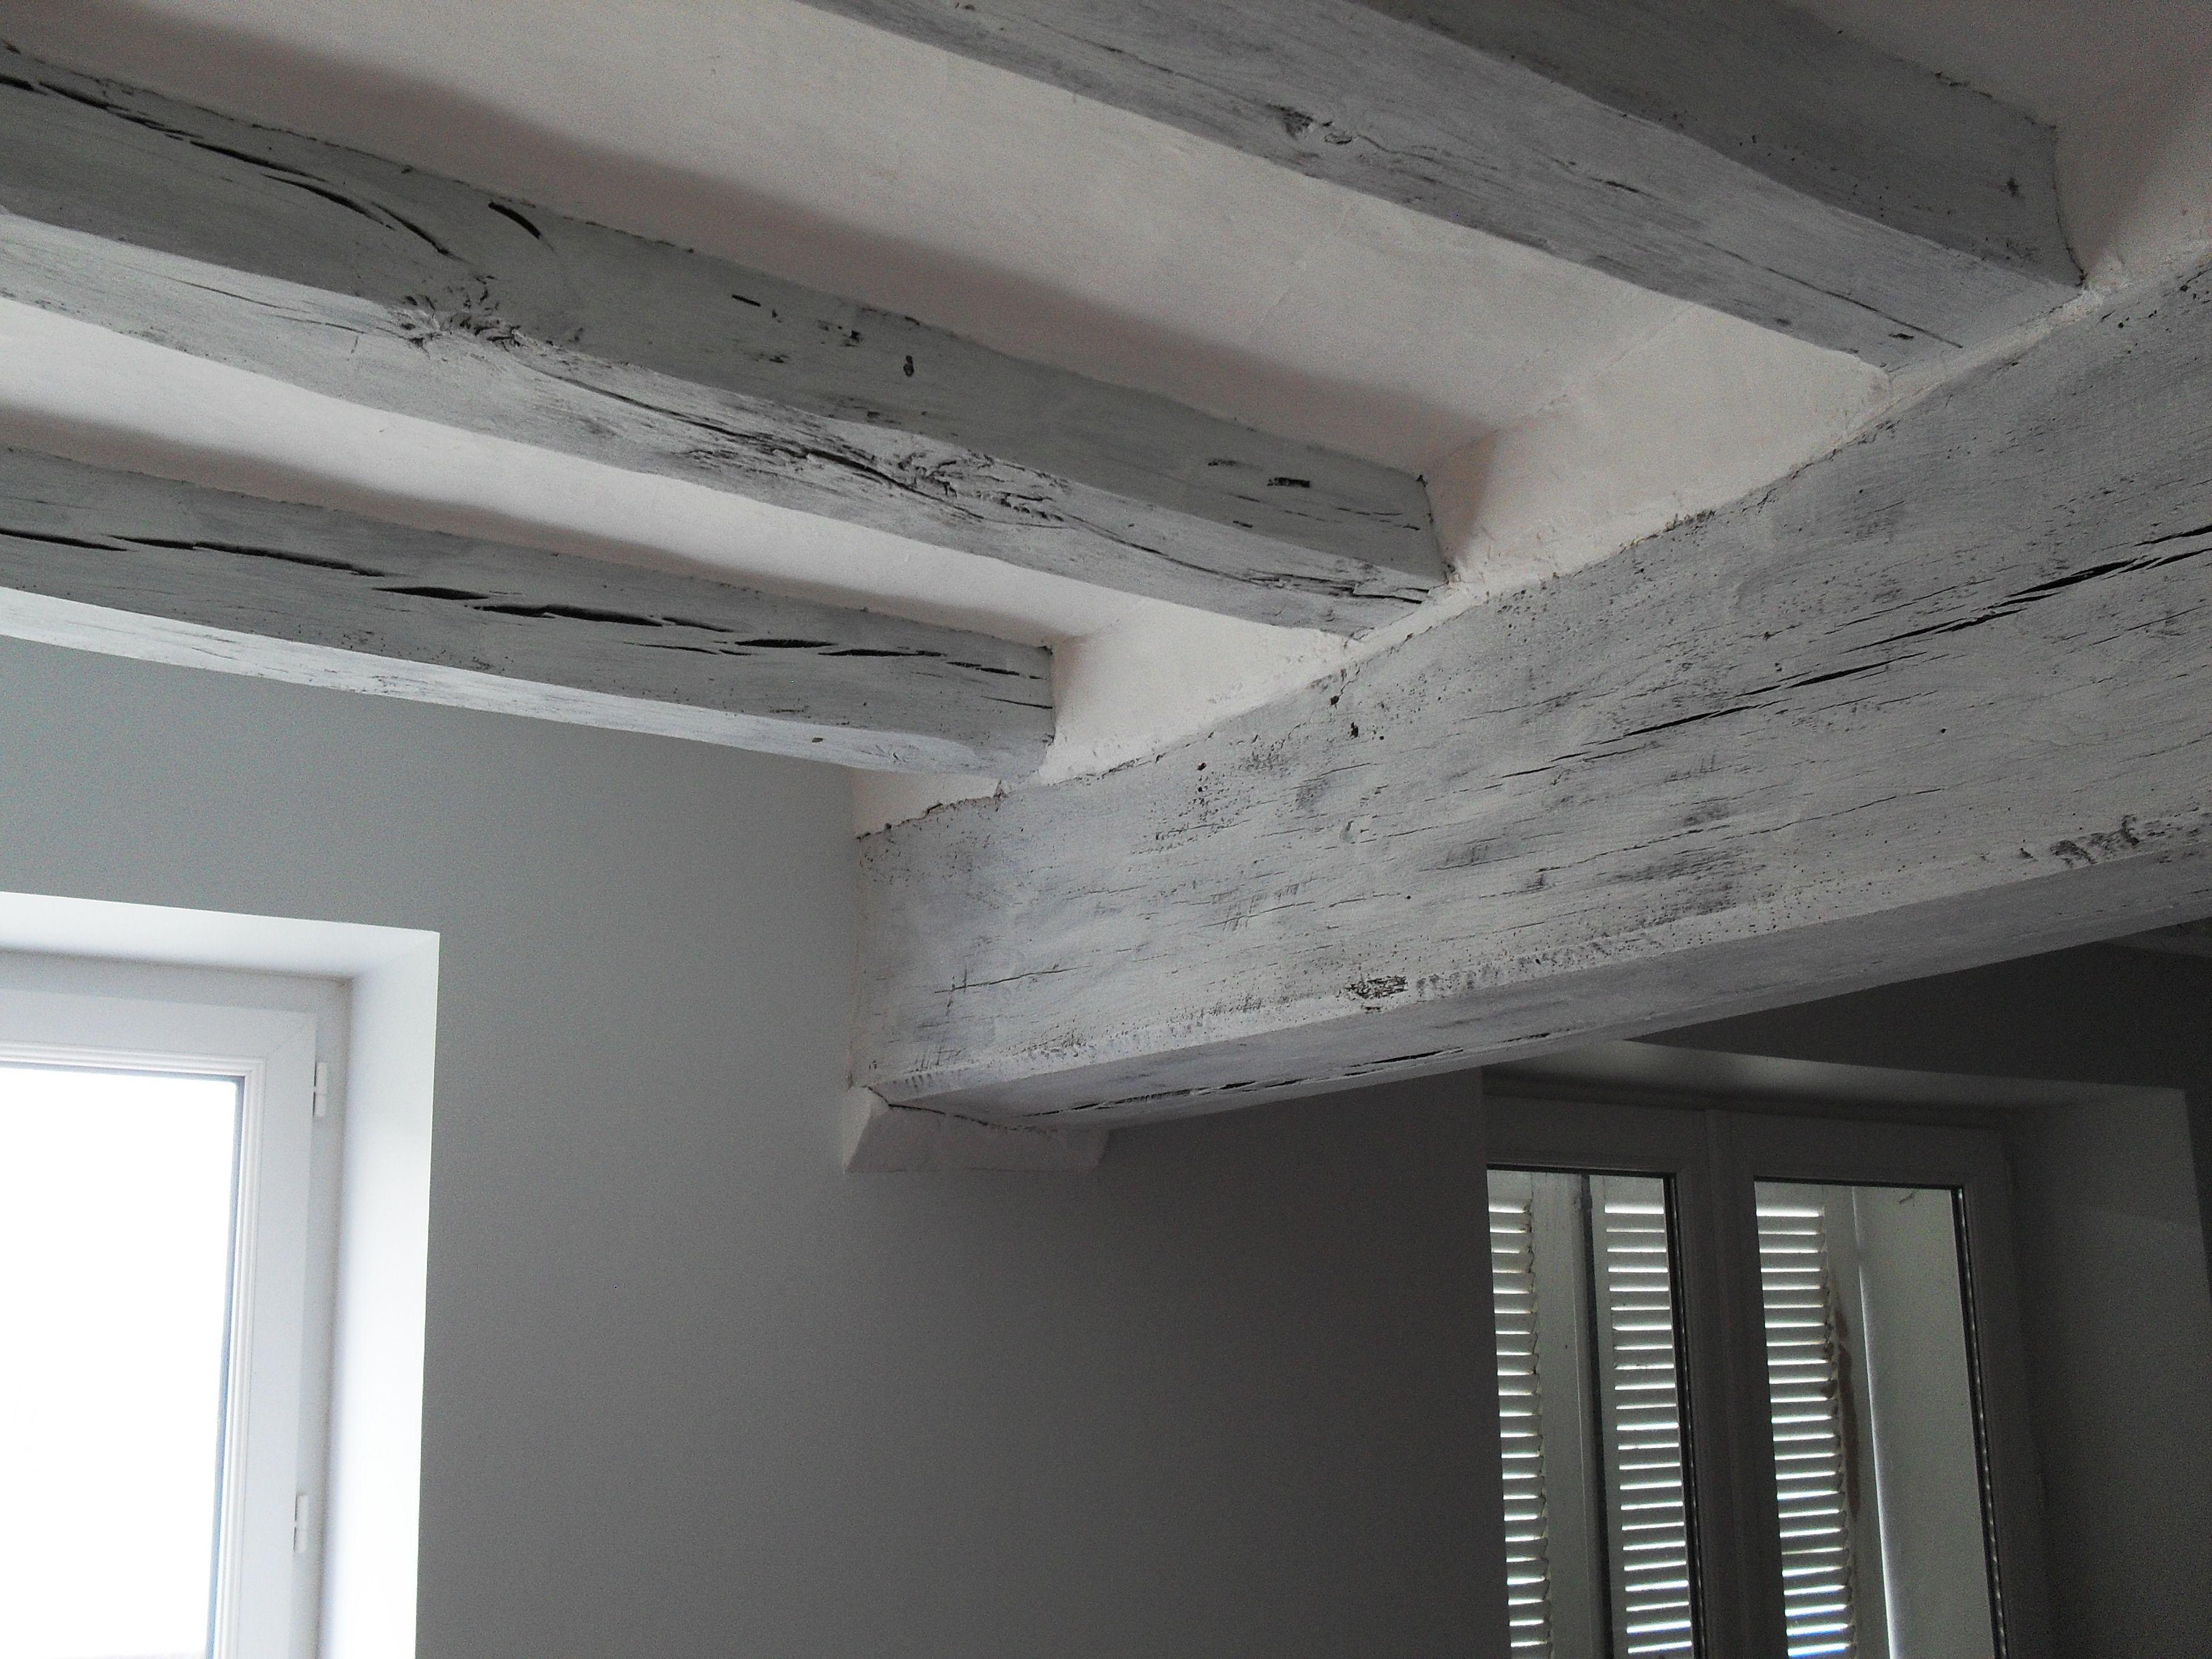 deco peinture maison 2 last tweets about peinture. Black Bedroom Furniture Sets. Home Design Ideas